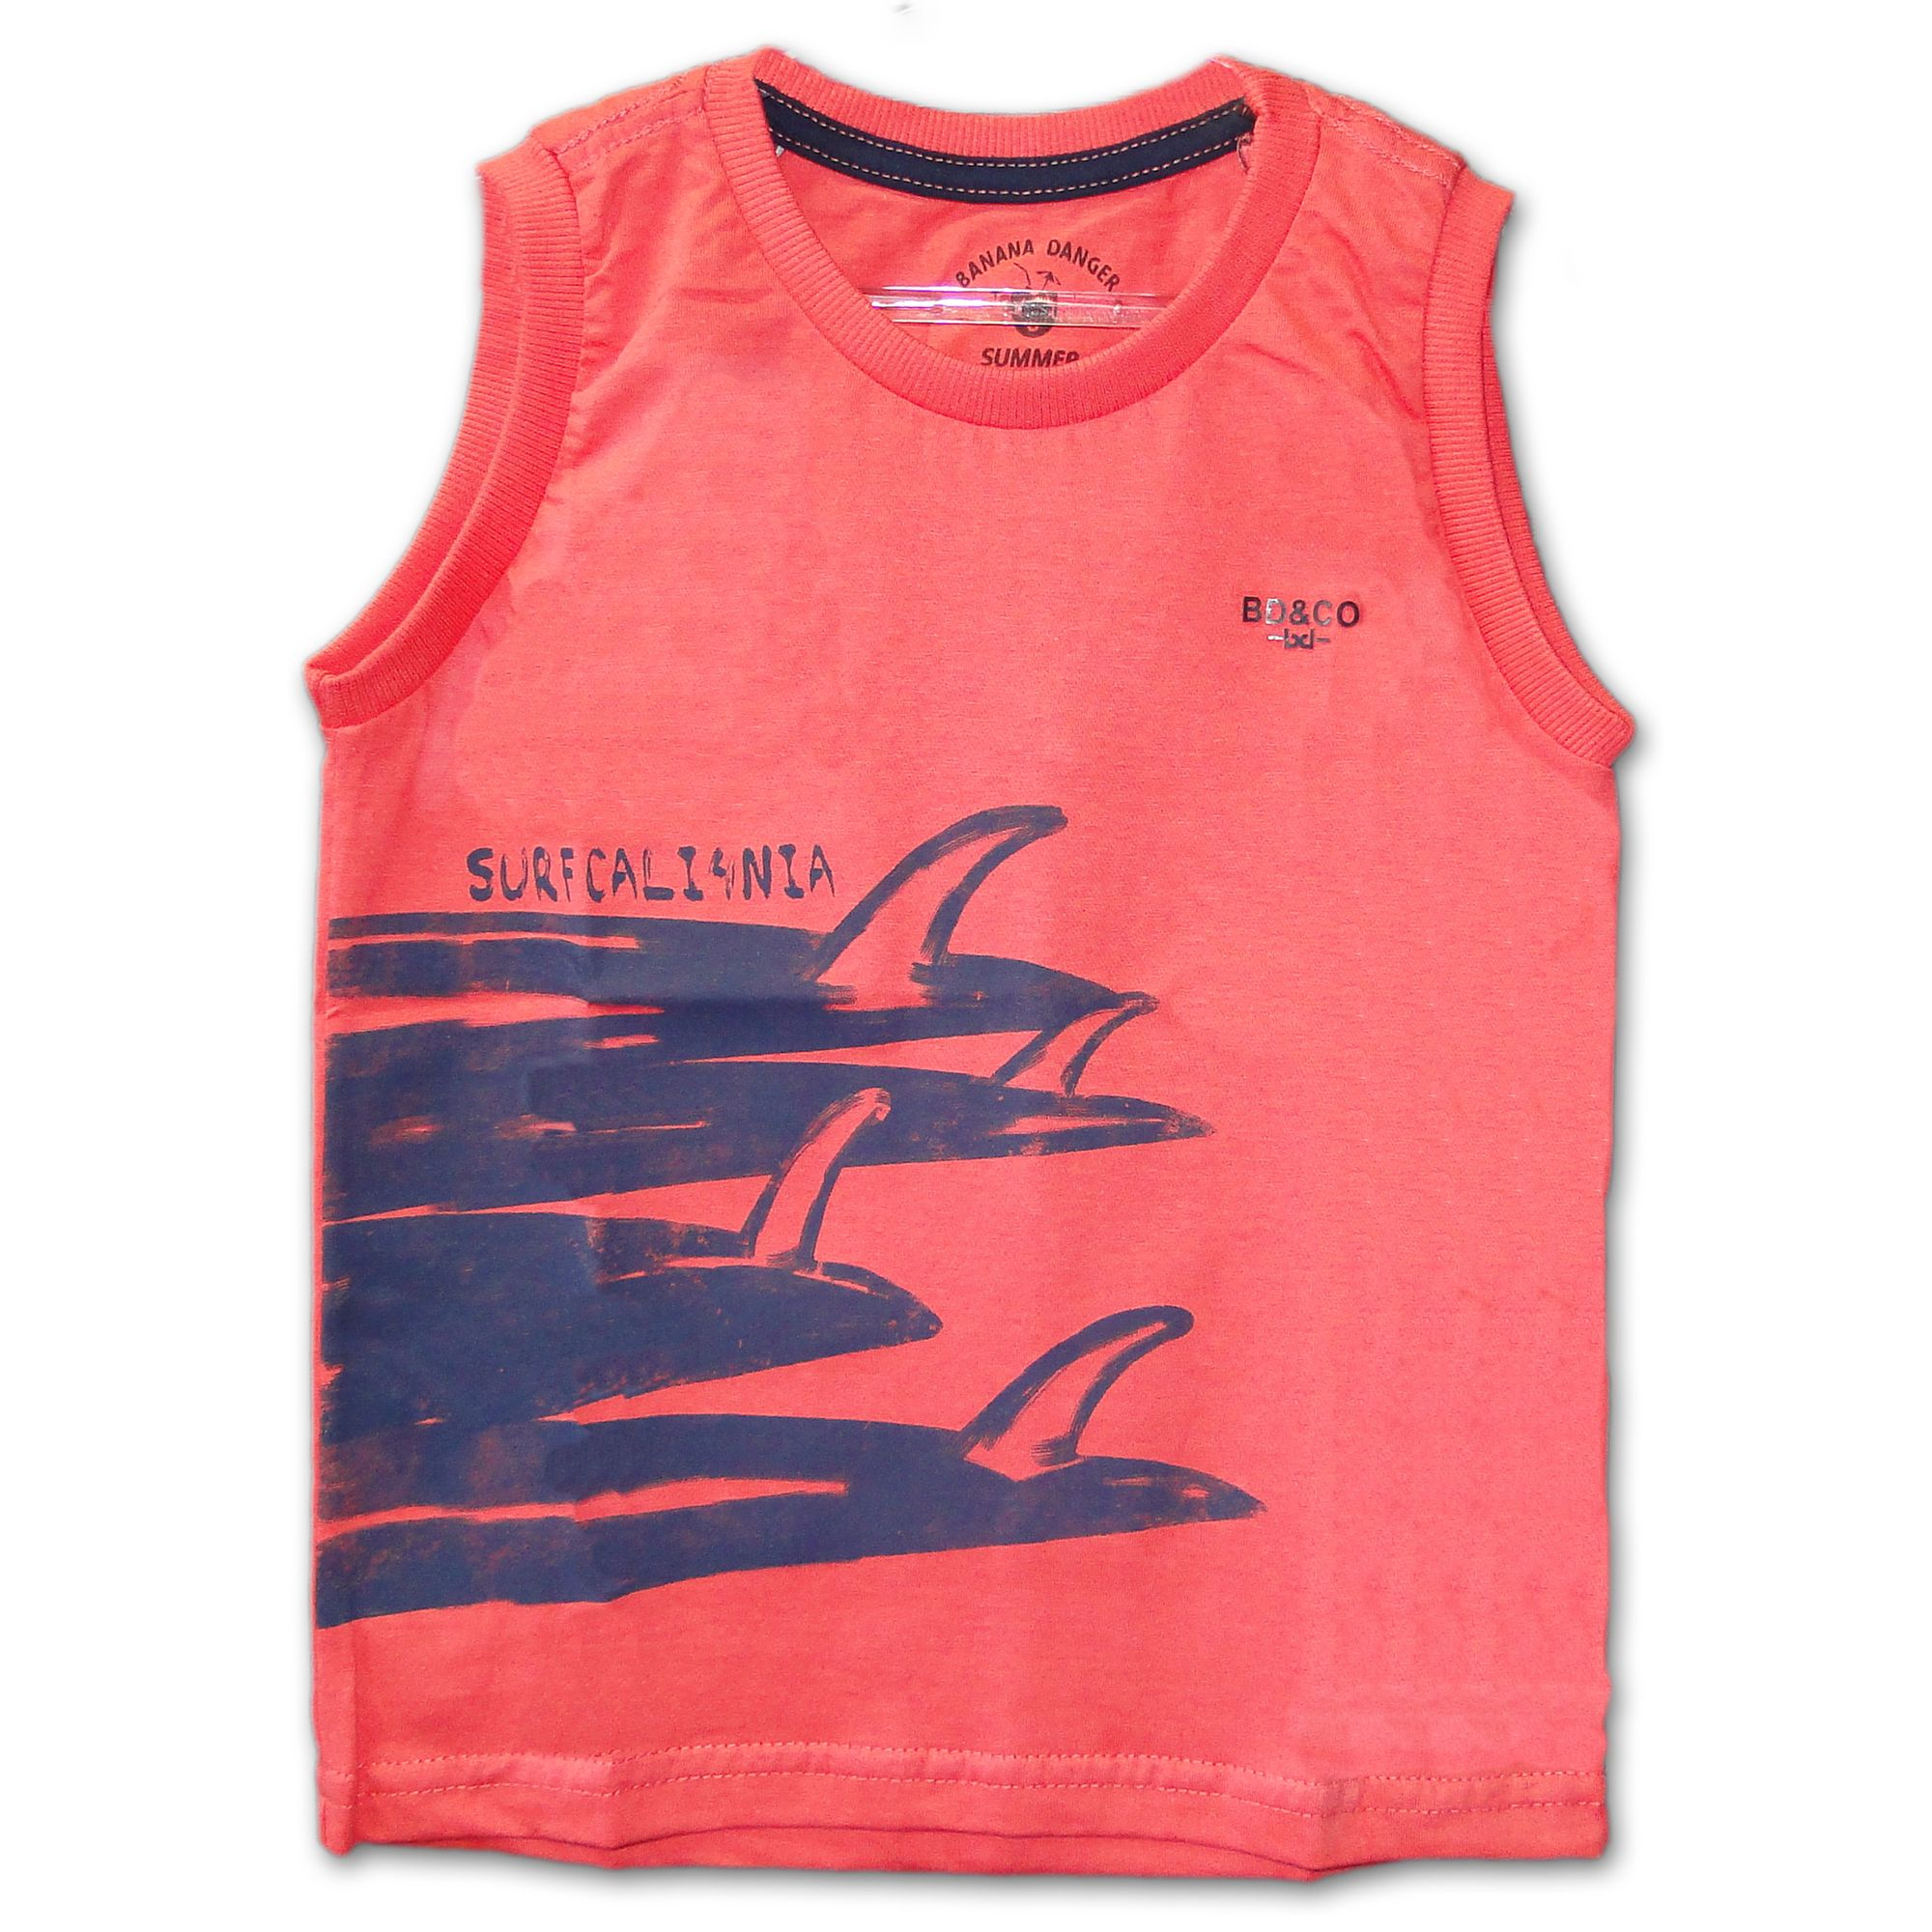 35c4b899e16470 Camiseta Regata Machão Califórnia Rosa - EcaMeleca